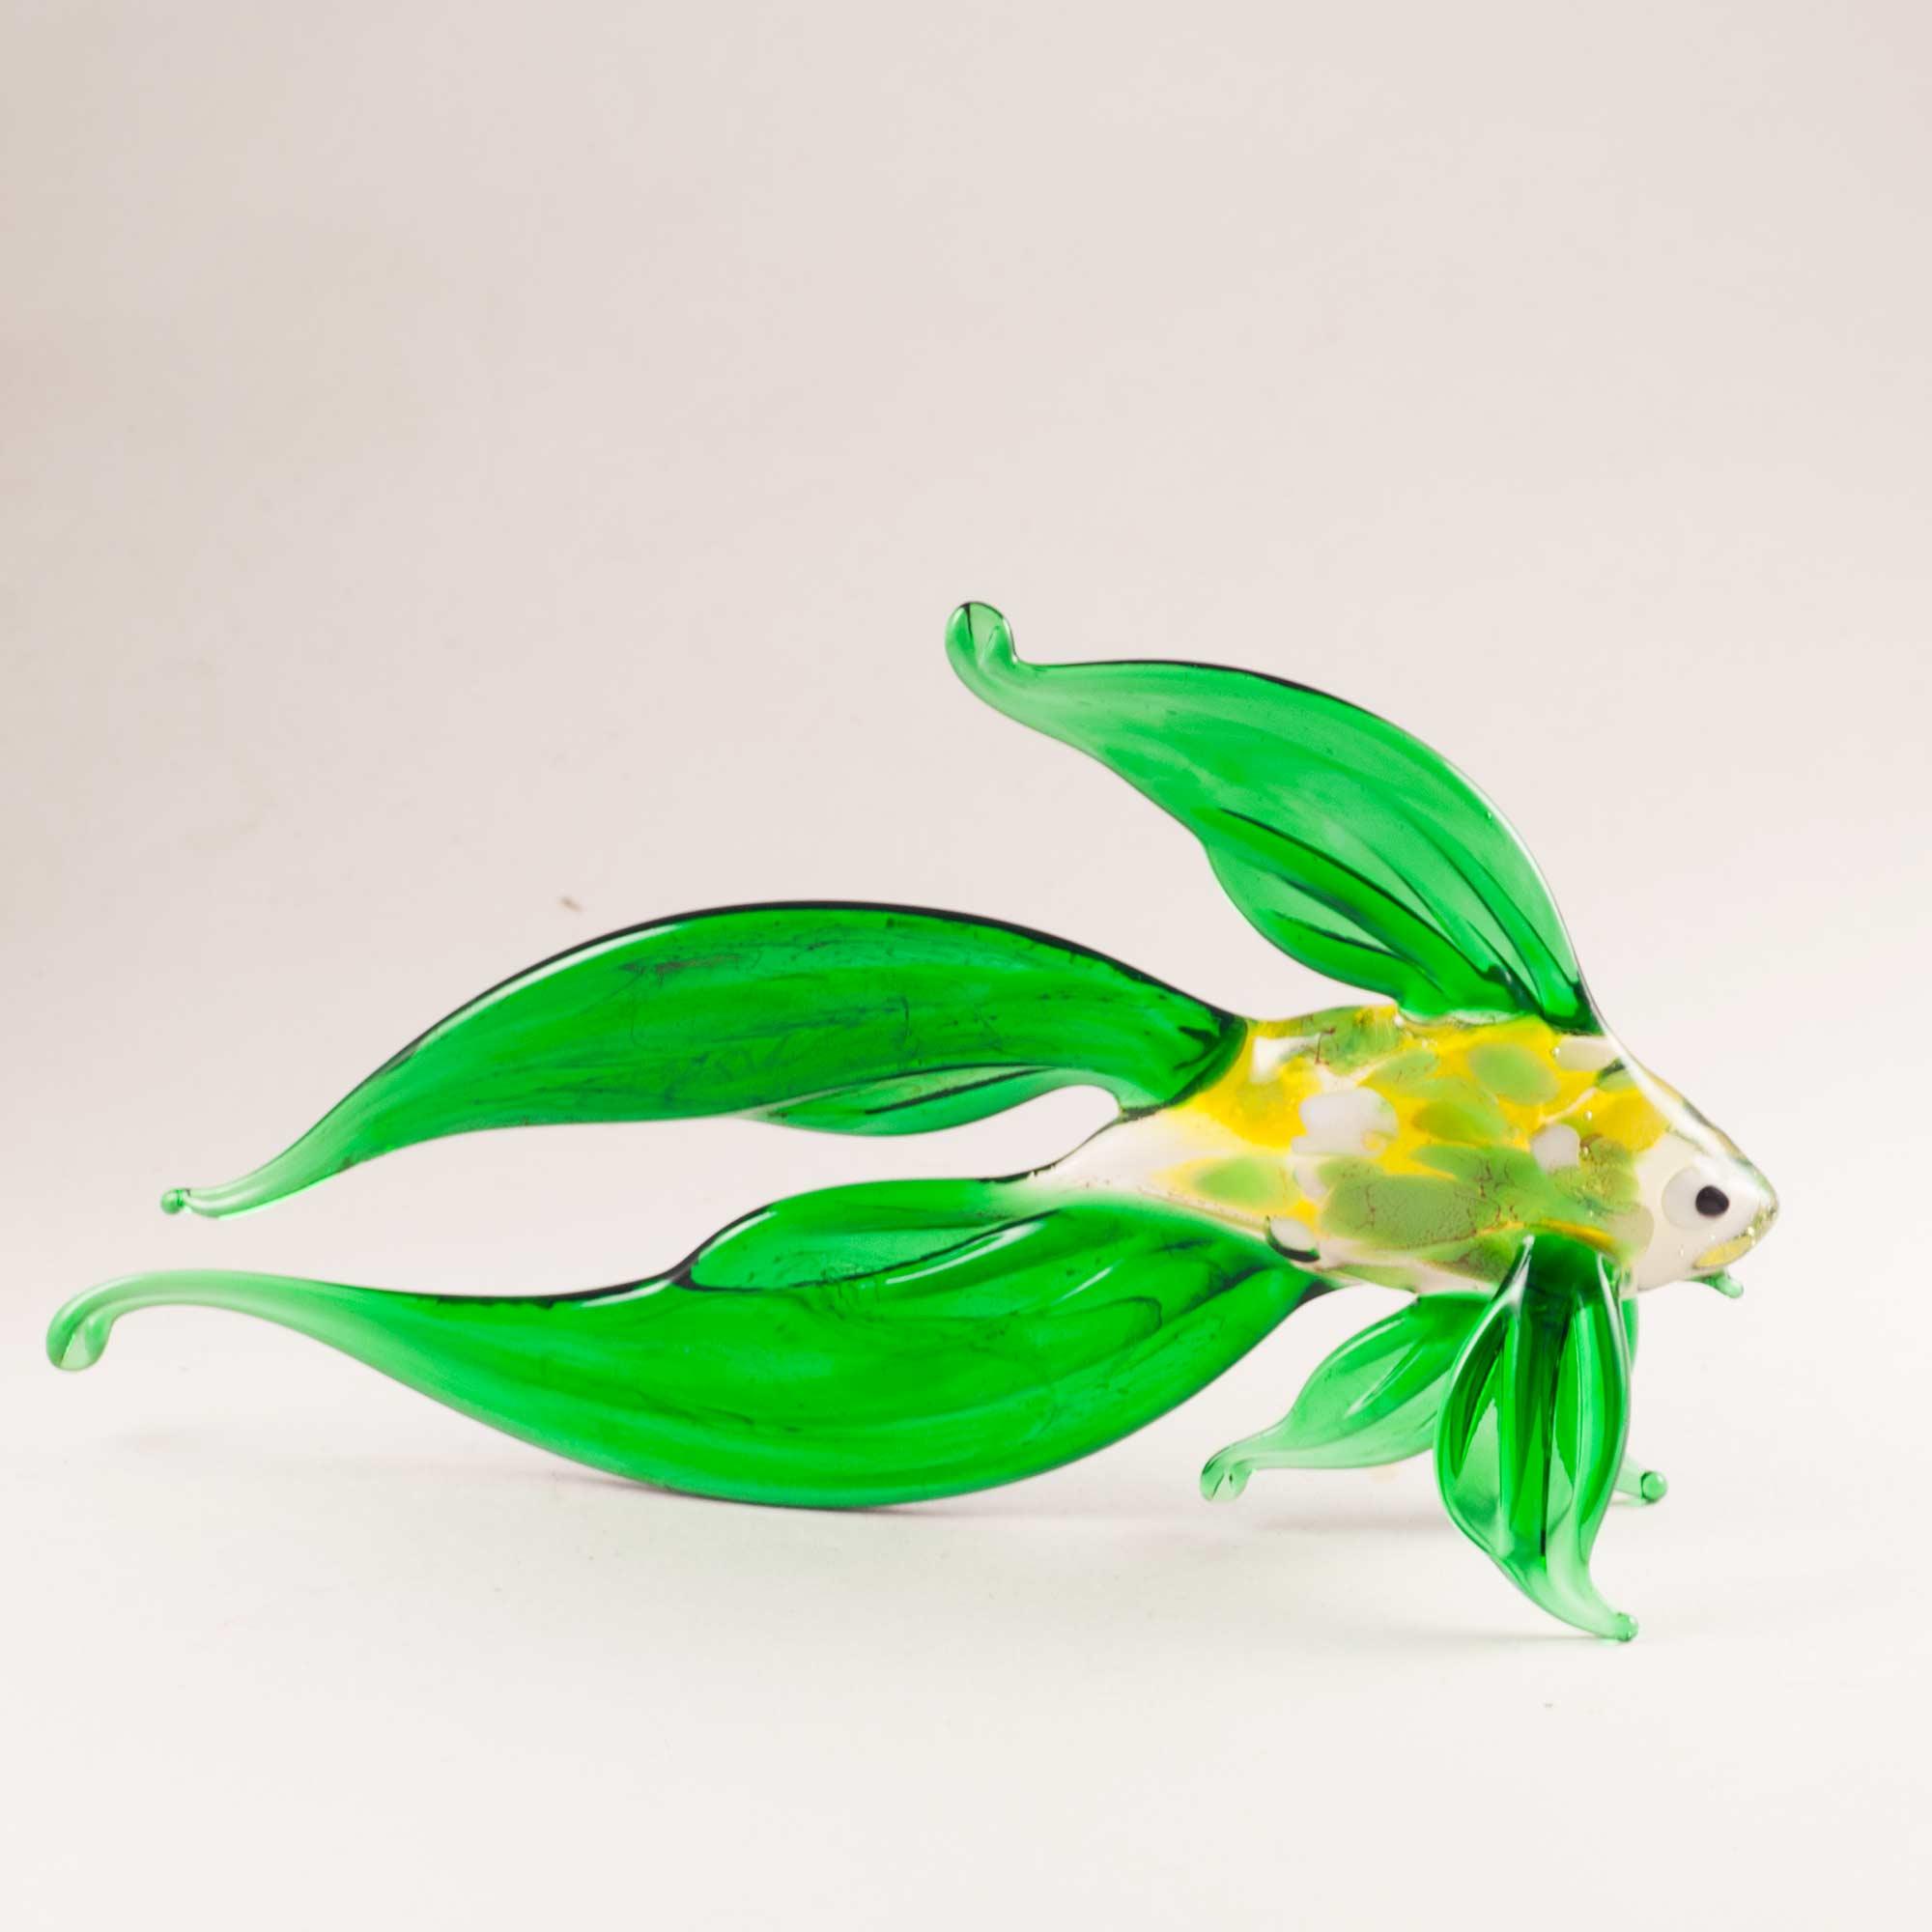 Фигурка Рыба зеленая Рыбы